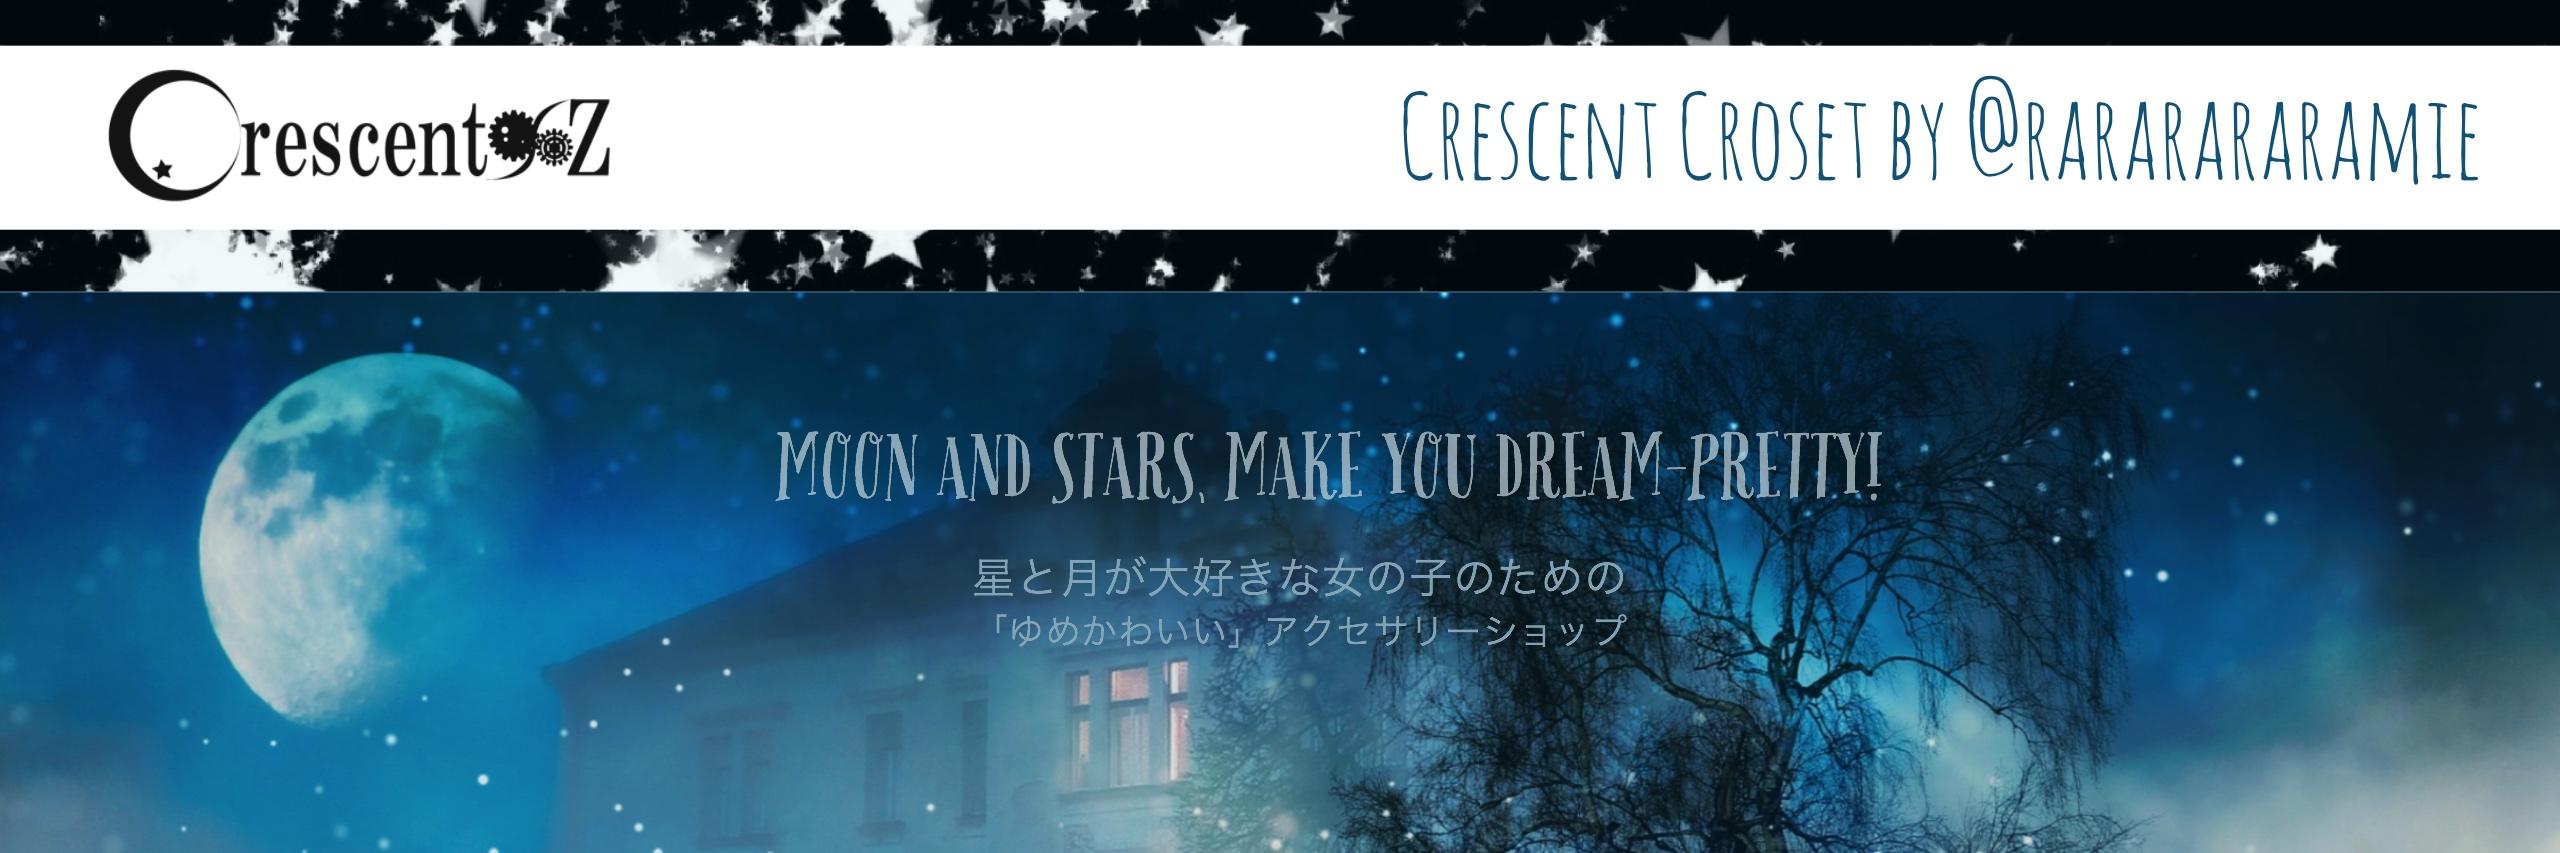 Crescent96z - 海と星と月が大好きな女の子のための「ゆめかわいい」オールハンドメイドアクセサリーショップ